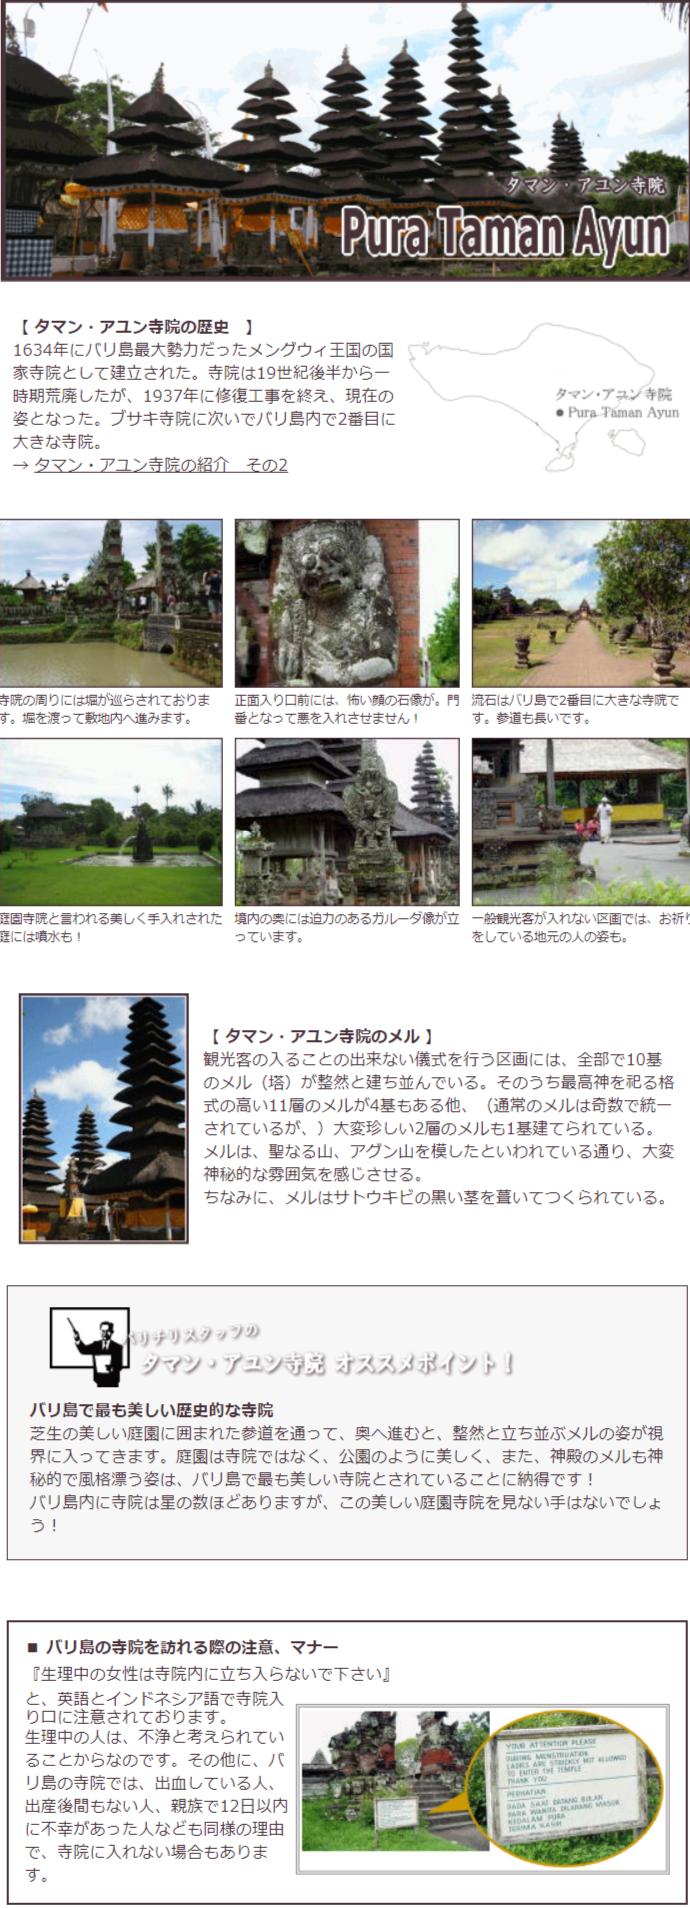 タマンアユン寺院の説明